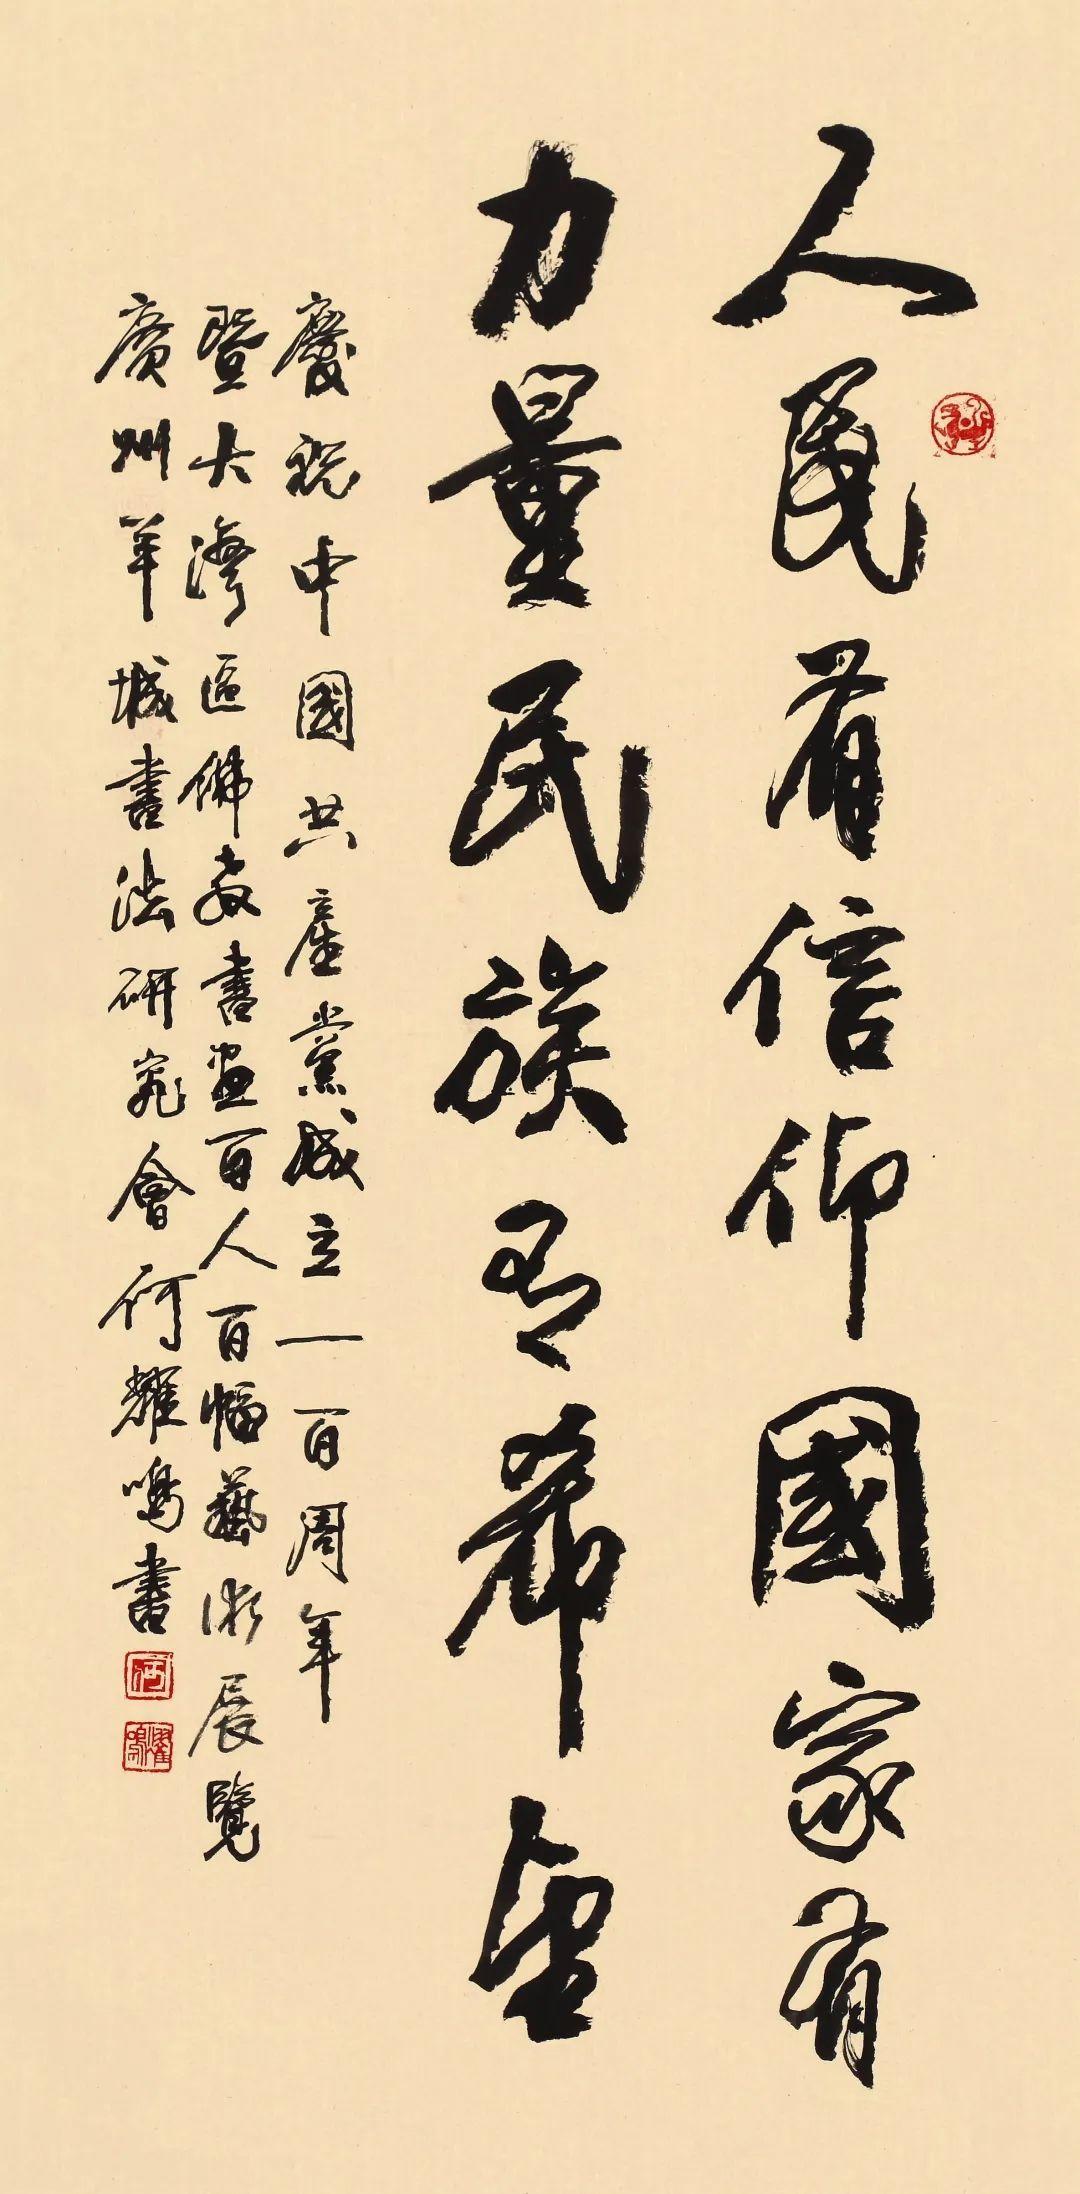 广东省书法家协会会员、广州羊城书法研究会顾问、广州市人民政府文史研究馆馆员何耀鸣